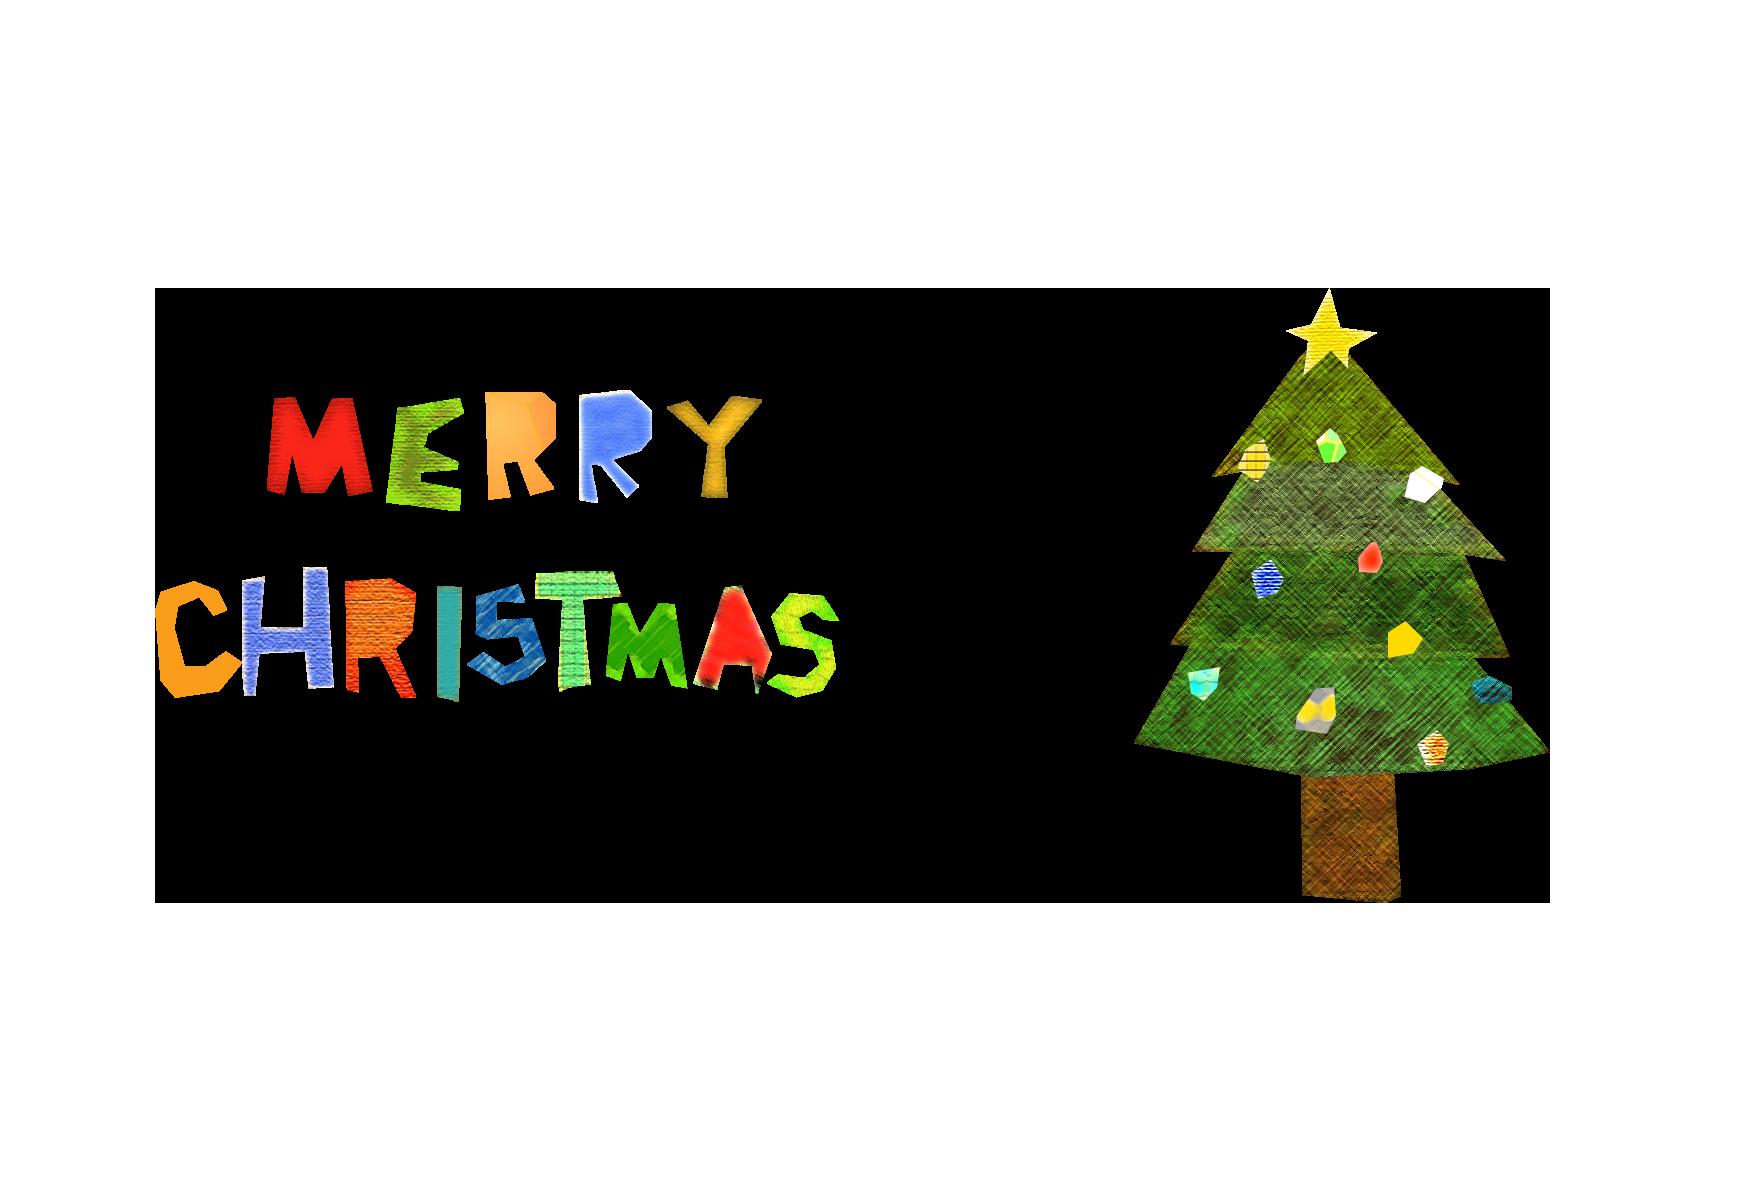 クリスマスカード-コラージュ風テンプレート(クリスマスツリー) <無料